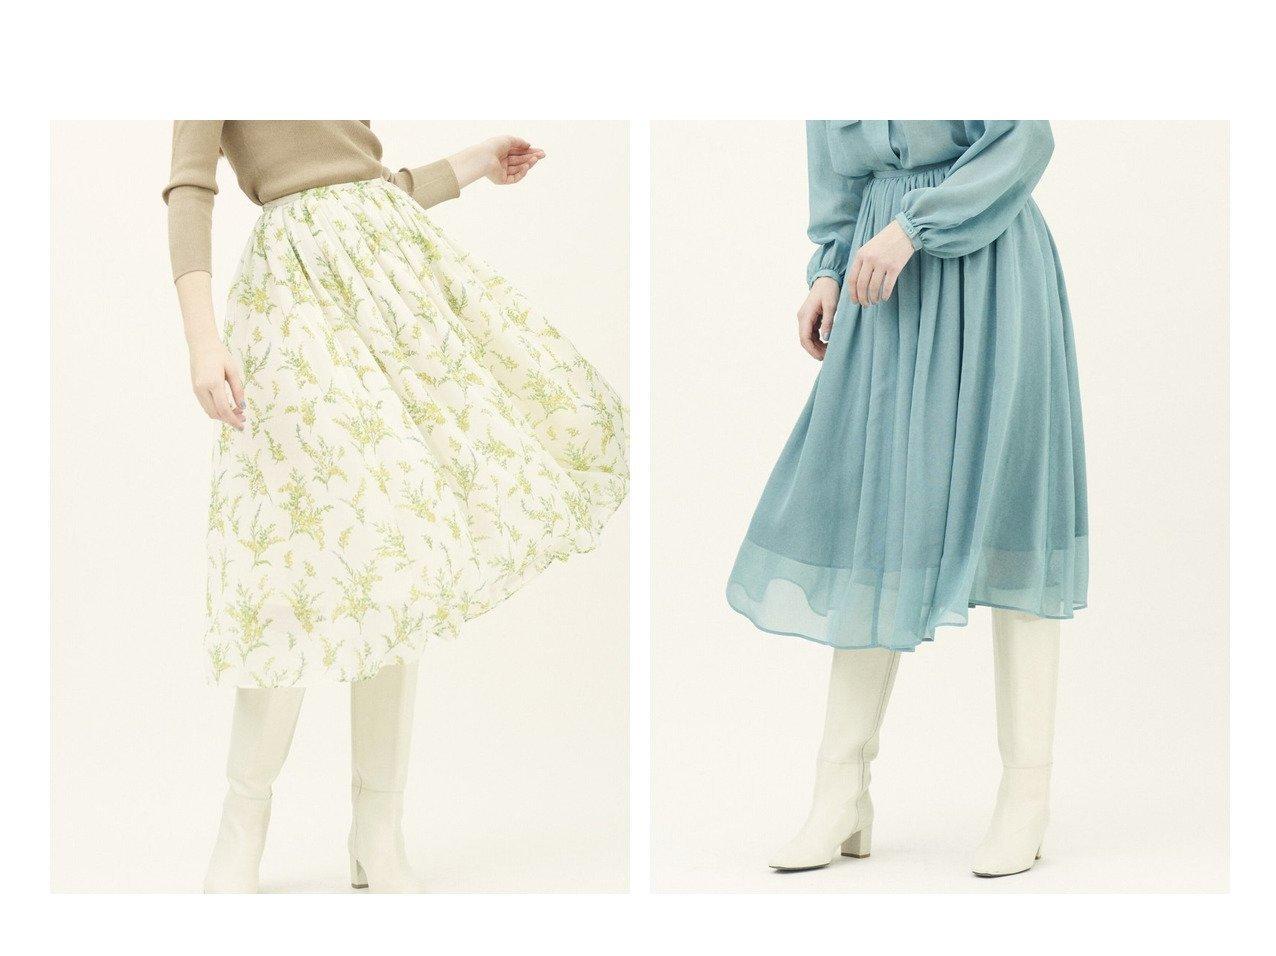 【TOMORROWLAND BALLSEY/トゥモローランド ボールジー】のミモザフラワープリント ギャザーミディスカート&ナイアガラシフォン ギャザーミディスカート TOMORROWLANDのおすすめ!人気、トレンド・レディースファッションの通販 おすすめで人気の流行・トレンド、ファッションの通販商品 メンズファッション・キッズファッション・インテリア・家具・レディースファッション・服の通販 founy(ファニー) https://founy.com/ ファッション Fashion レディースファッション WOMEN スカート Skirt プリーツスカート Pleated Skirts NEW・新作・新着・新入荷 New Arrivals 2021年 2021 2021 春夏 S/S SS Spring/Summer 2021 S/S 春夏 SS Spring/Summer ギャザー シンプル ハンド バランス フェミニン プリント プリーツ ロング 春 Spring |ID:crp329100000016628